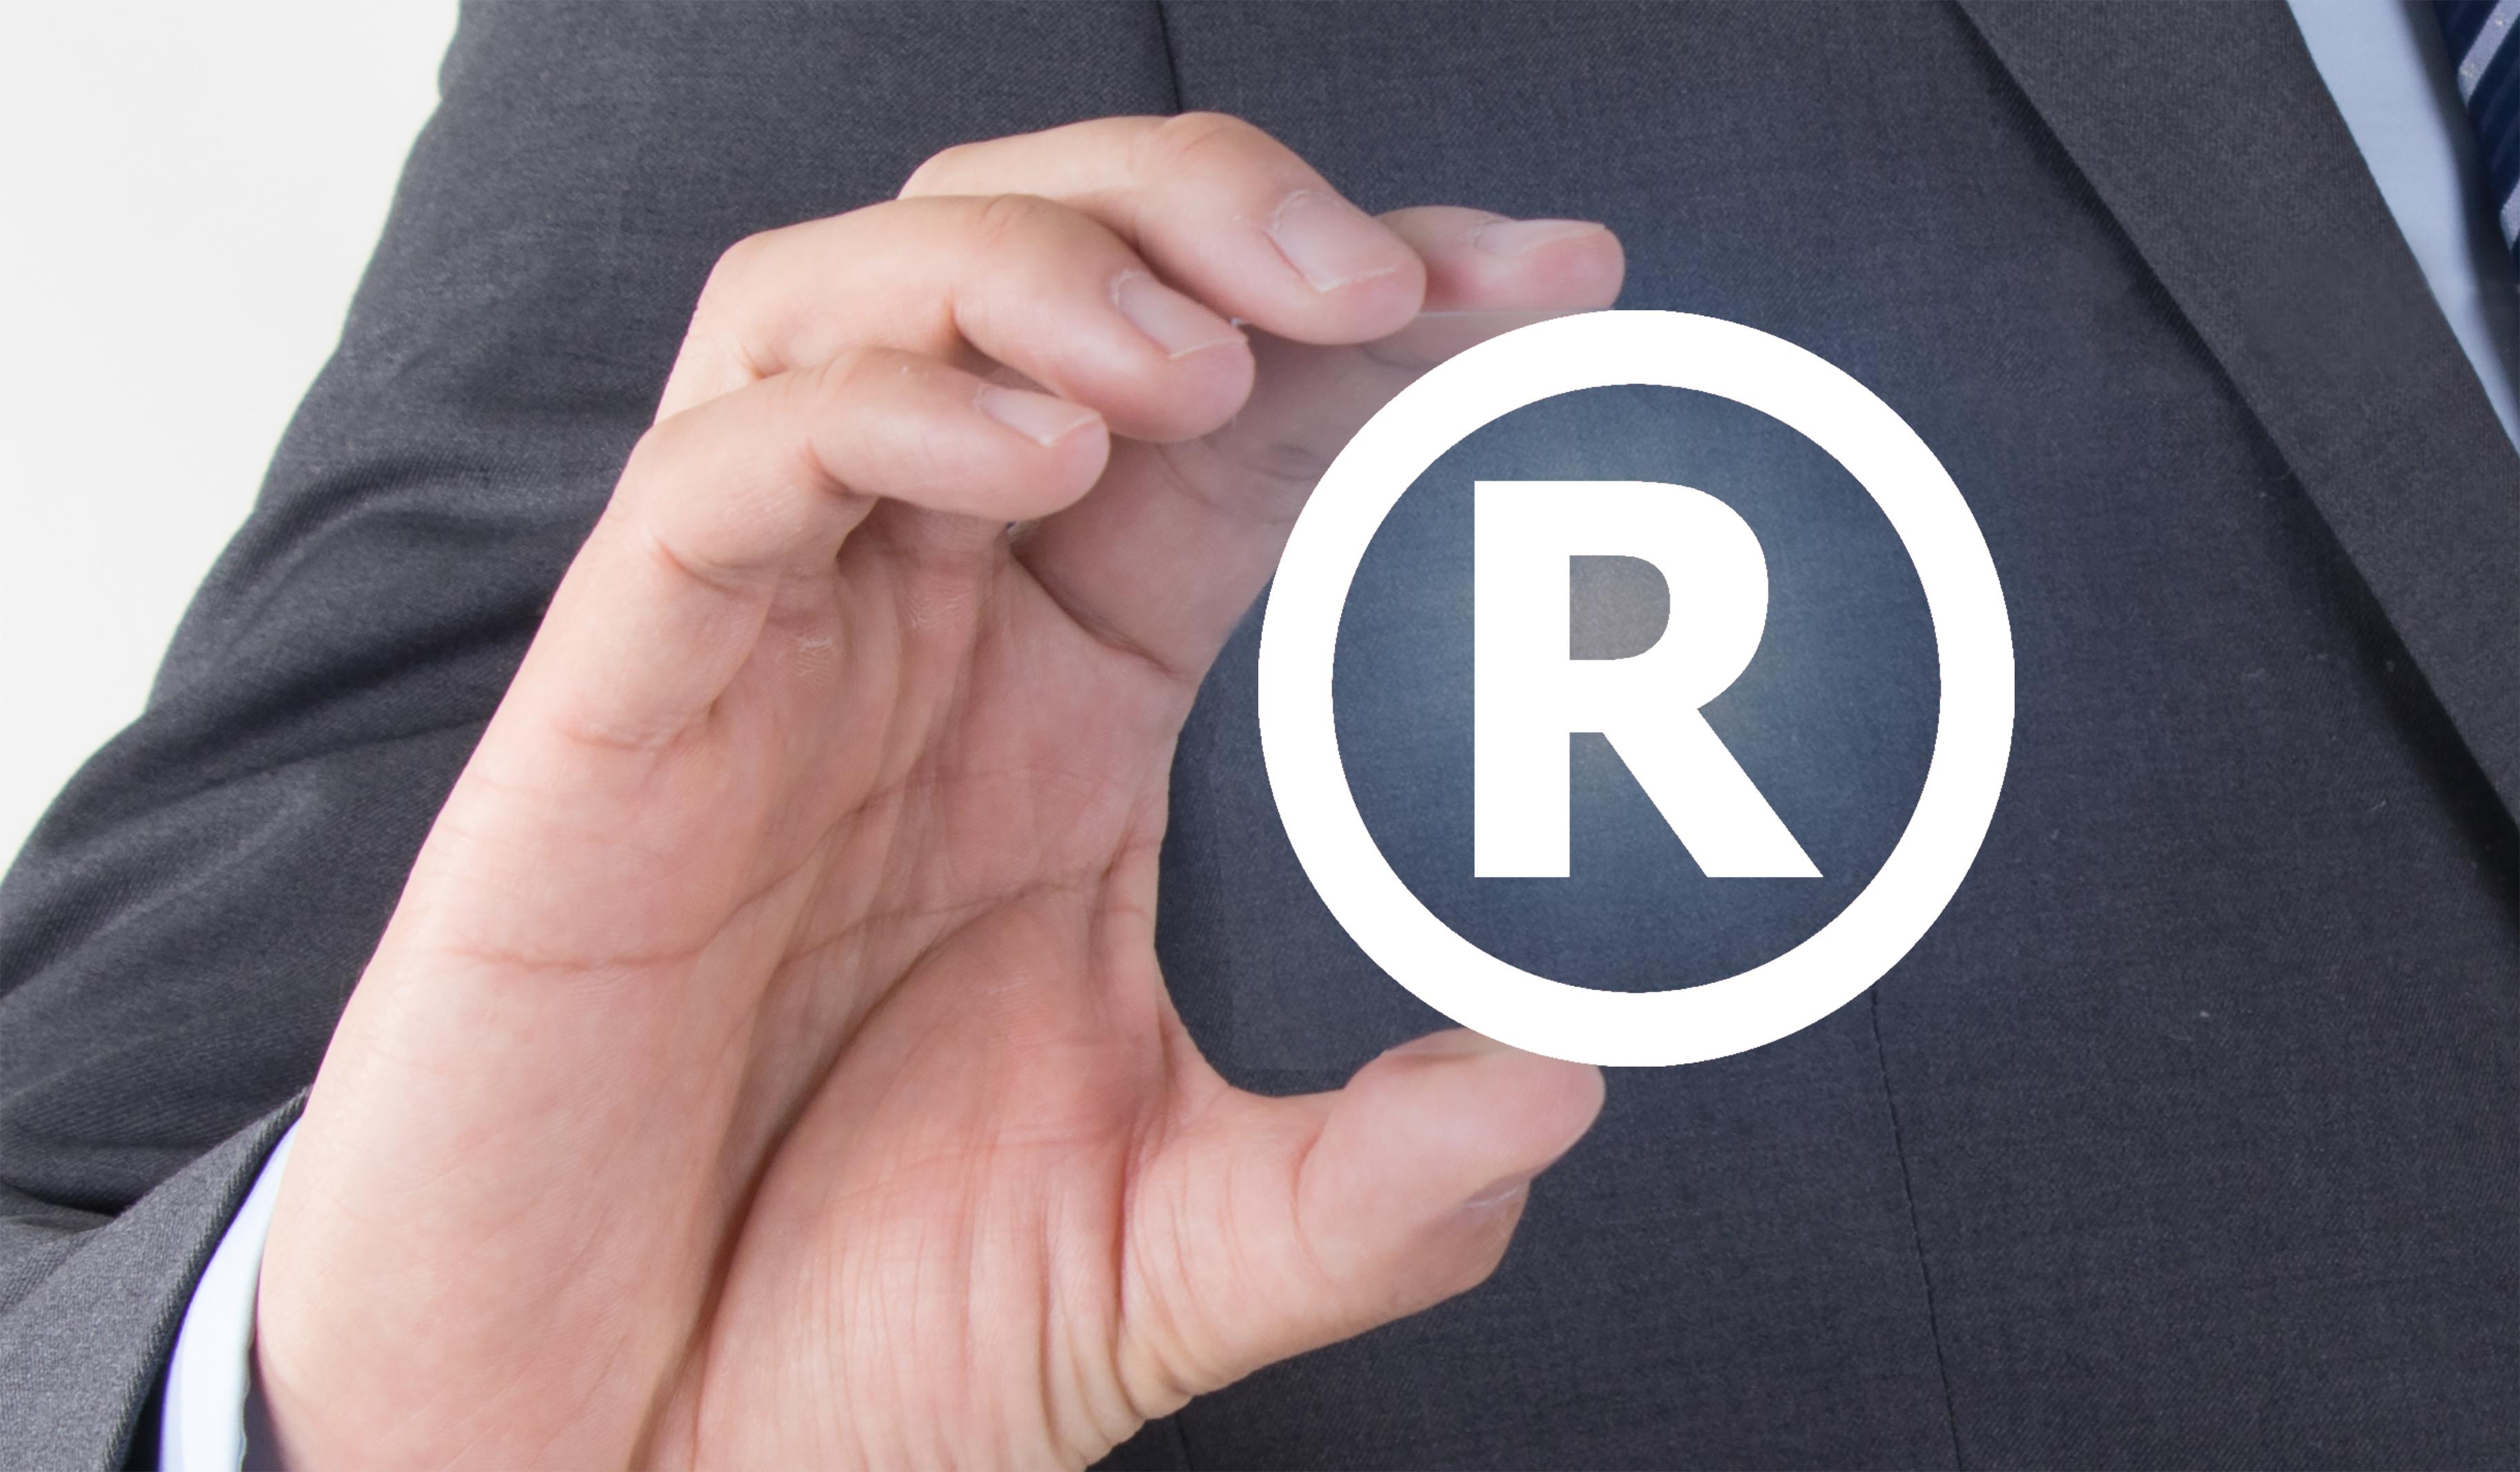 申请版权的时候要加商标吗